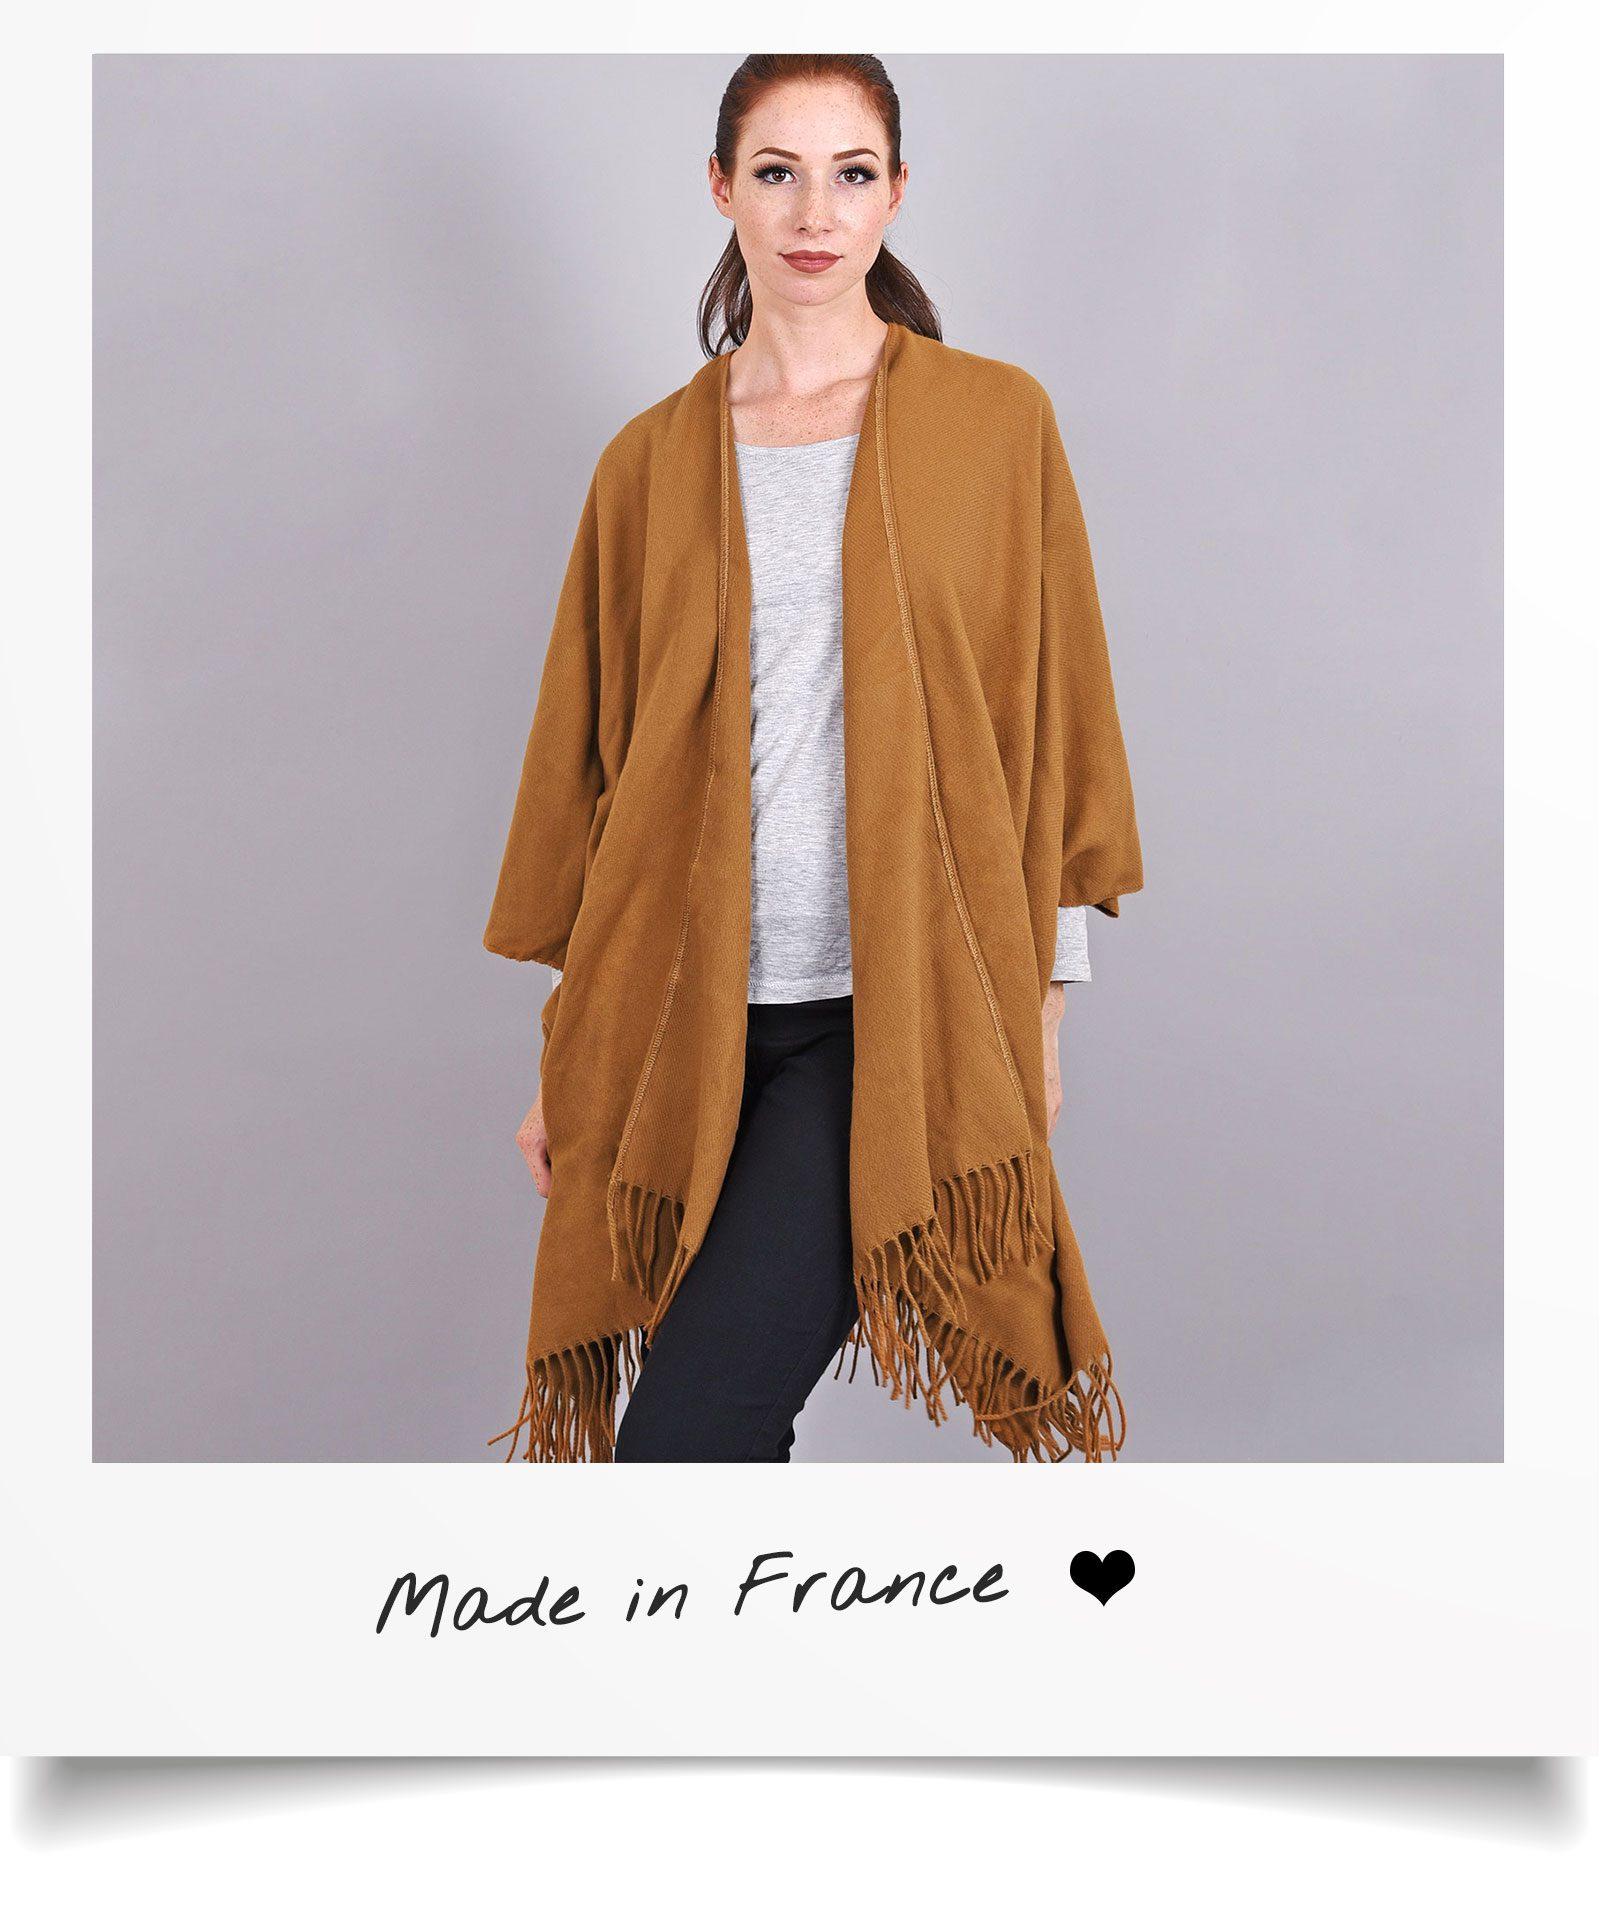 http://lookbook.allee-du-foulard.fr/wp-content/uploads/2018/06/0680-ADF-Accessoires-de-mode-LB-Soldes-Ete-poncho-casa-1600x1930.jpg